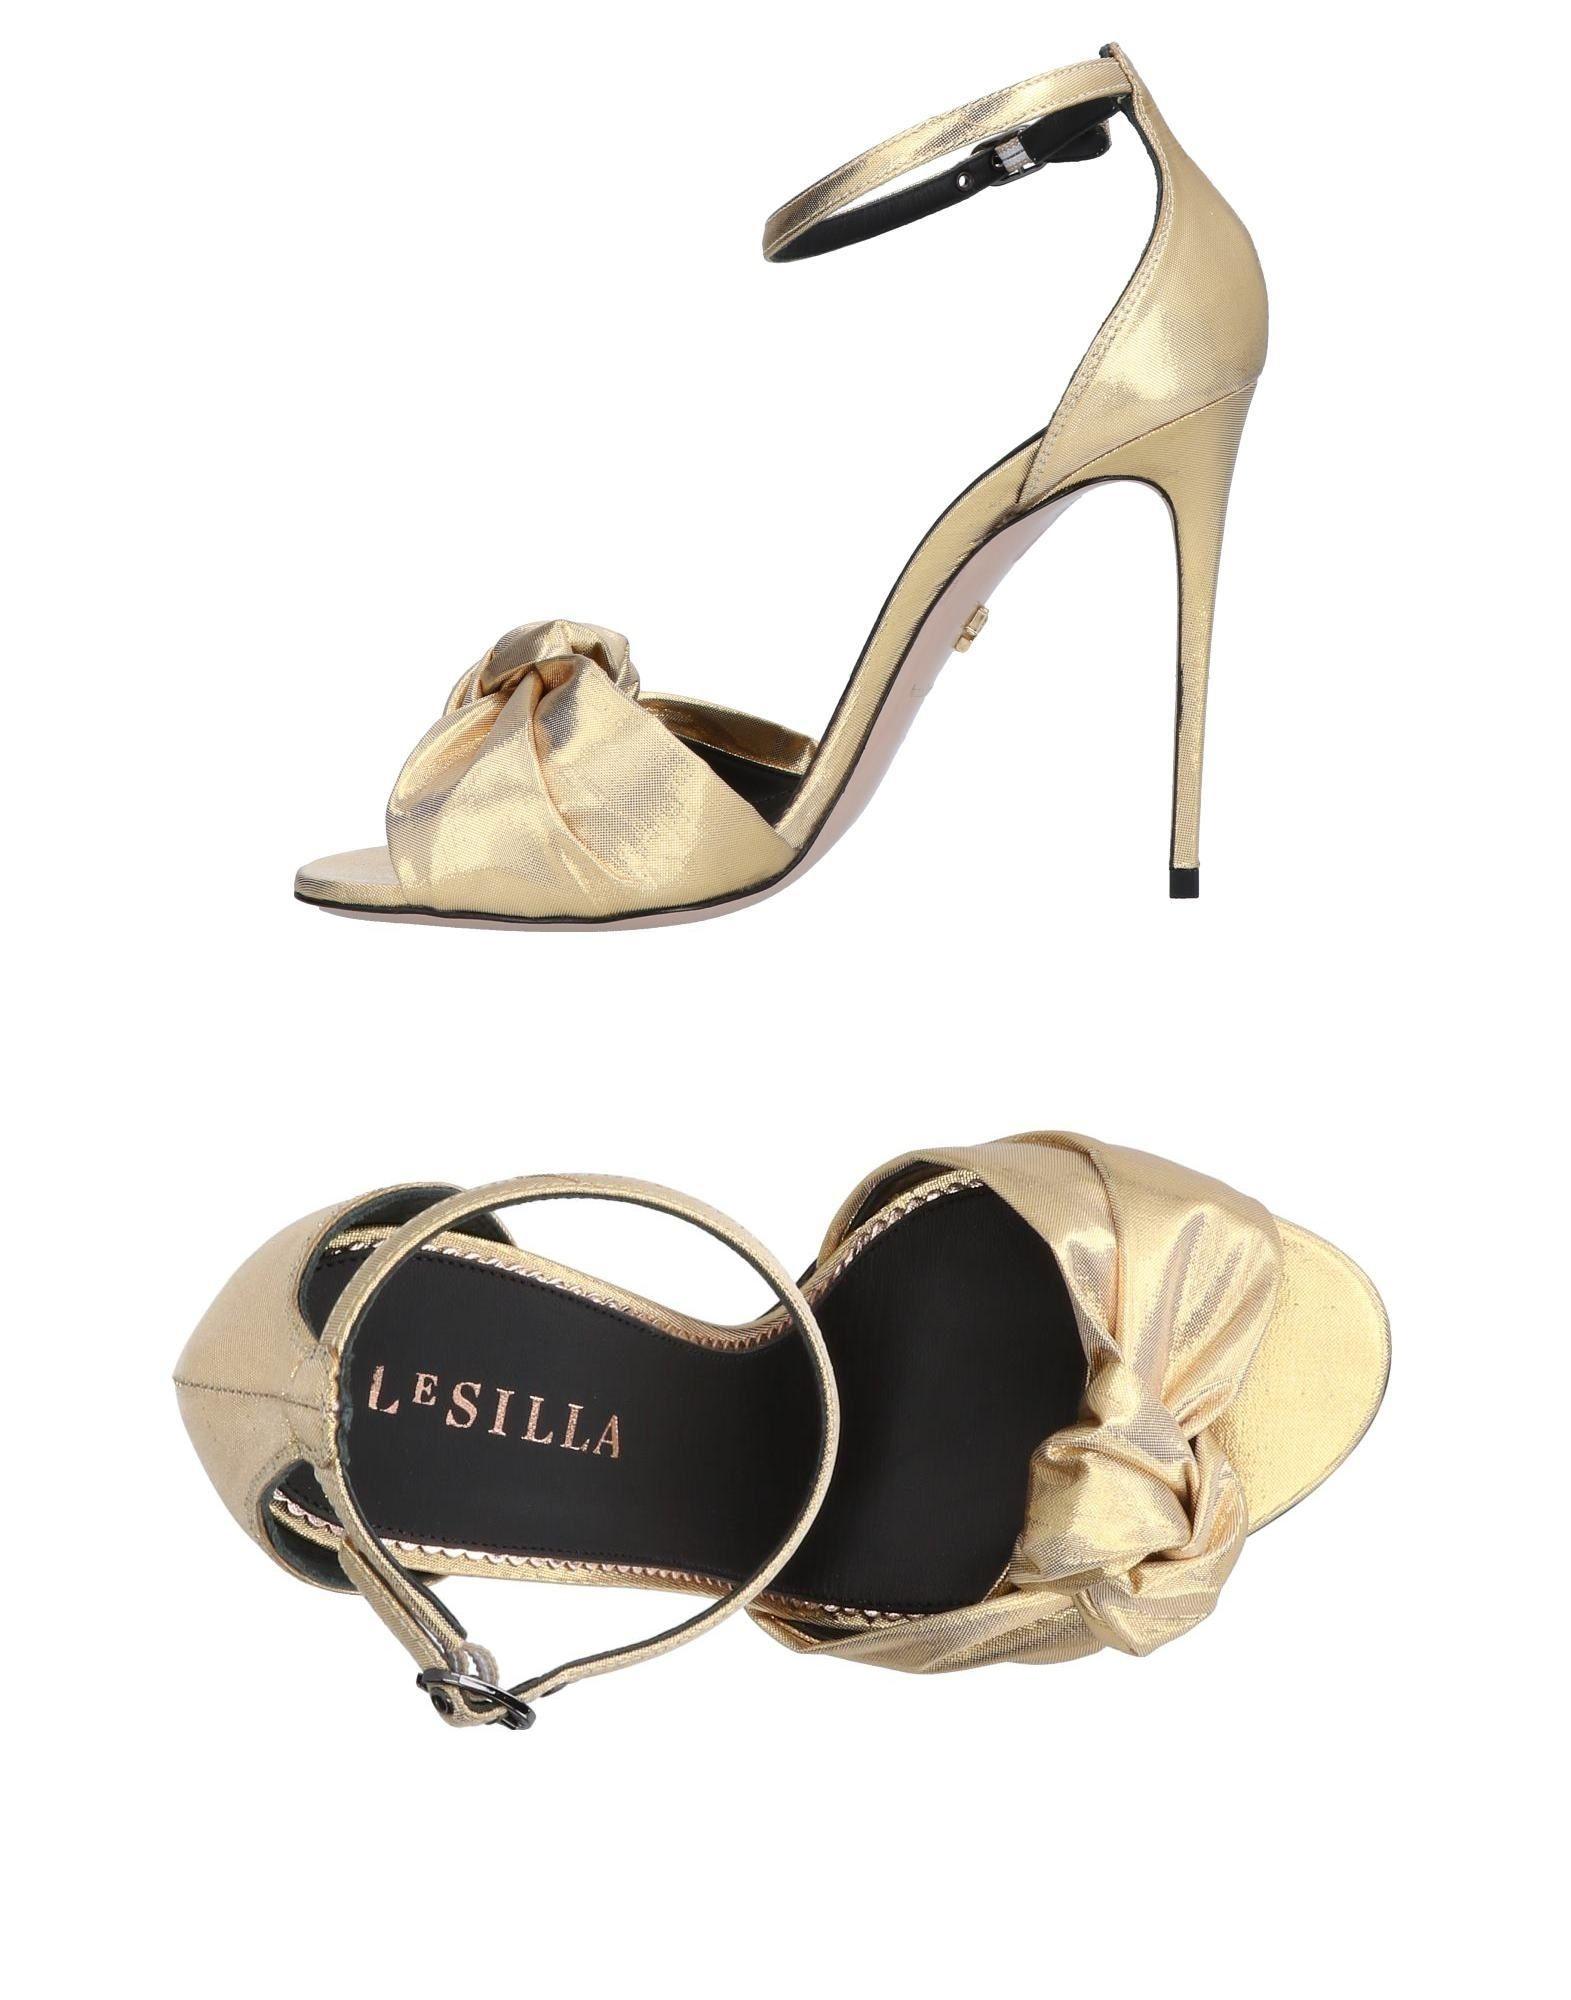 Sandali Le Silla Donna - 11486207VI 11486207VI - 03a79a